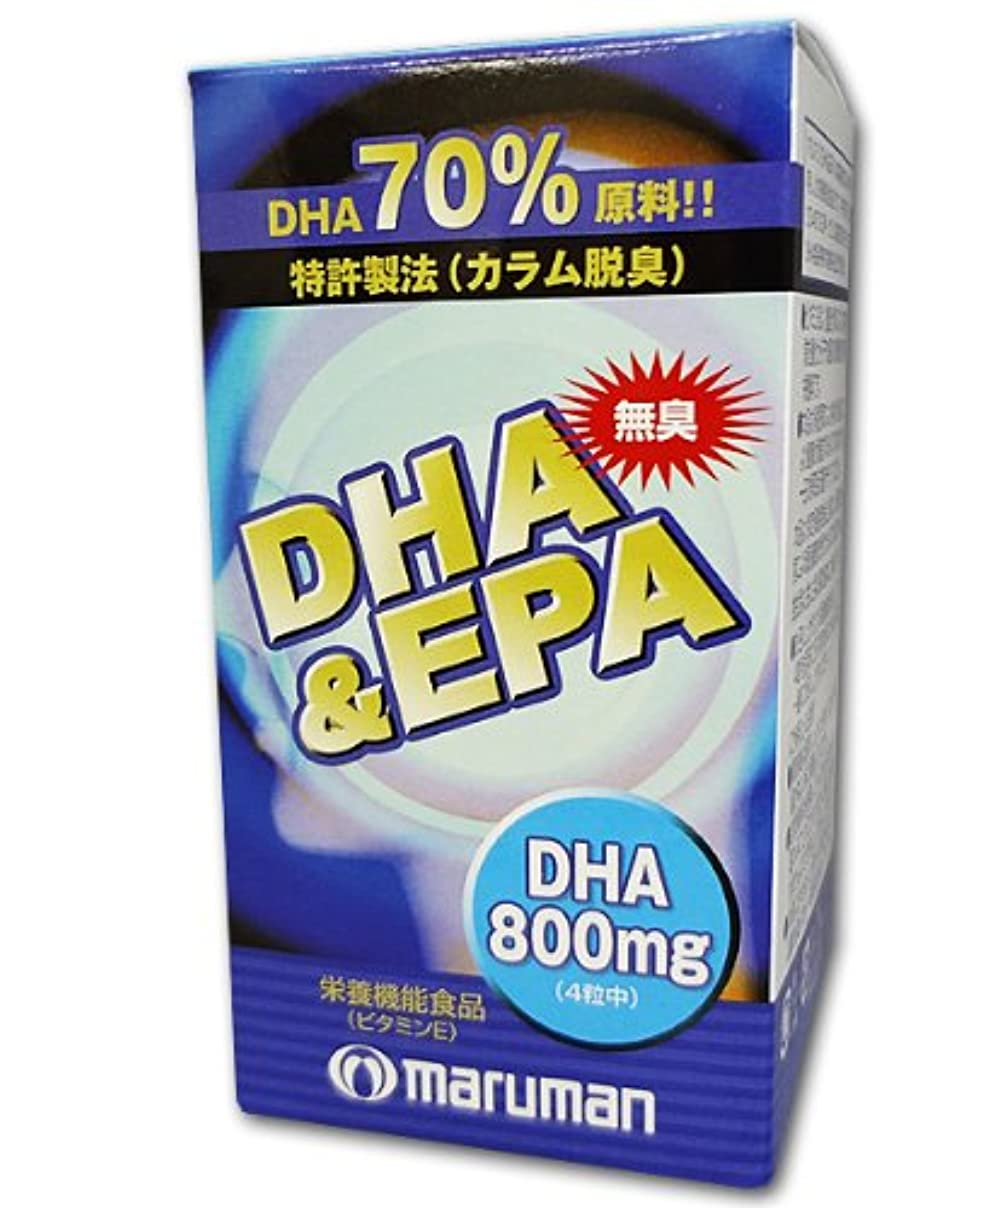 構成員外国人企業マルマン 無臭DHA-EPA 540mg×120粒